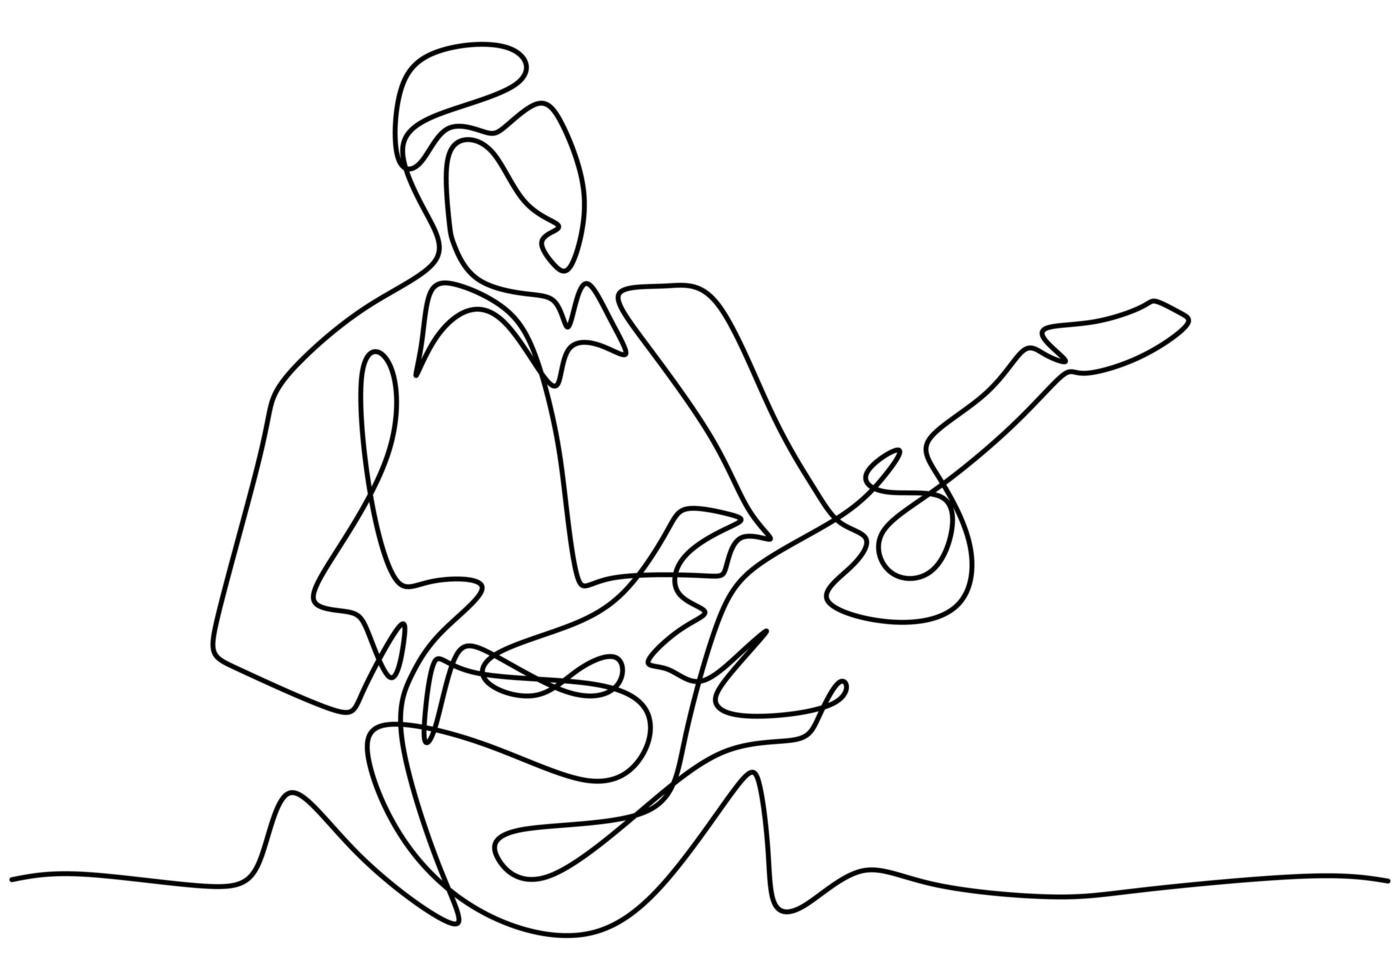 persoon zingt een lied met akoestische gitaar. jonge gelukkige mannelijke gitarist. muzikant kunstenaar prestatie concept enkele regel tekenen ontwerp illustratie vector